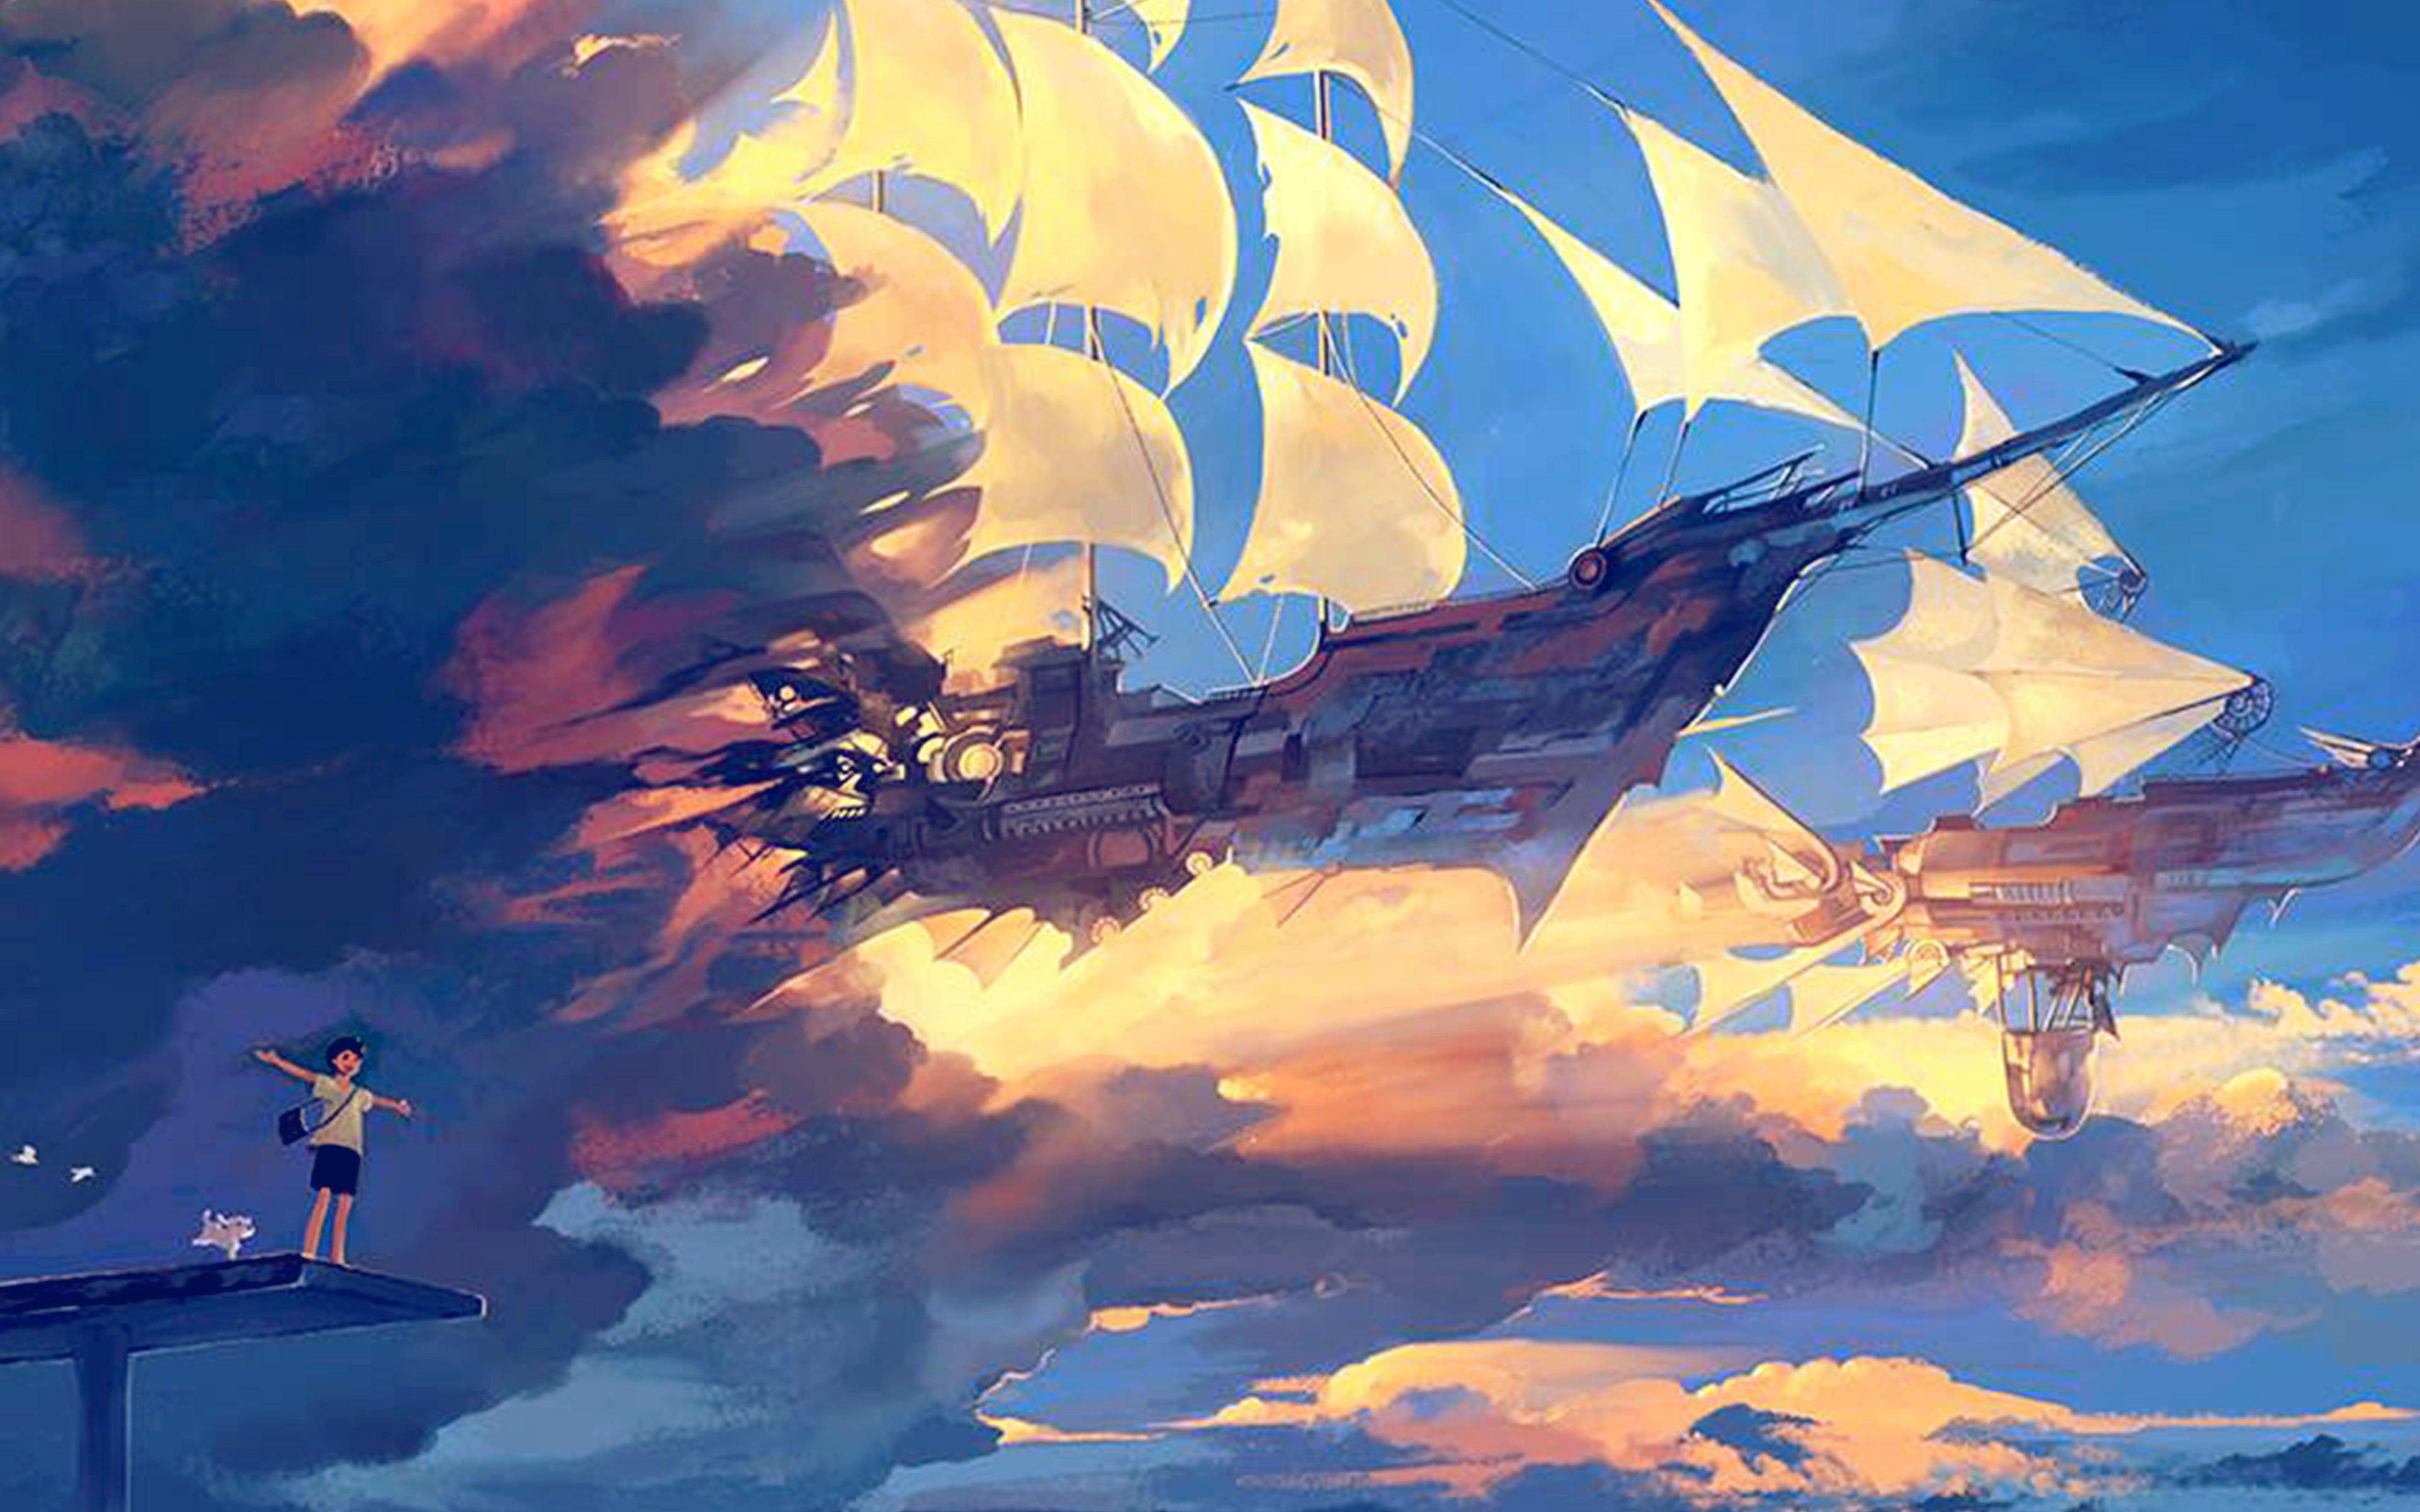 Fly Ship Anime Illustration Art Blue 4k Wallpaper Hdwallpaper Desktop In 2021 Desktop Wallpaper Art Anime Scenery Art Wallpaper